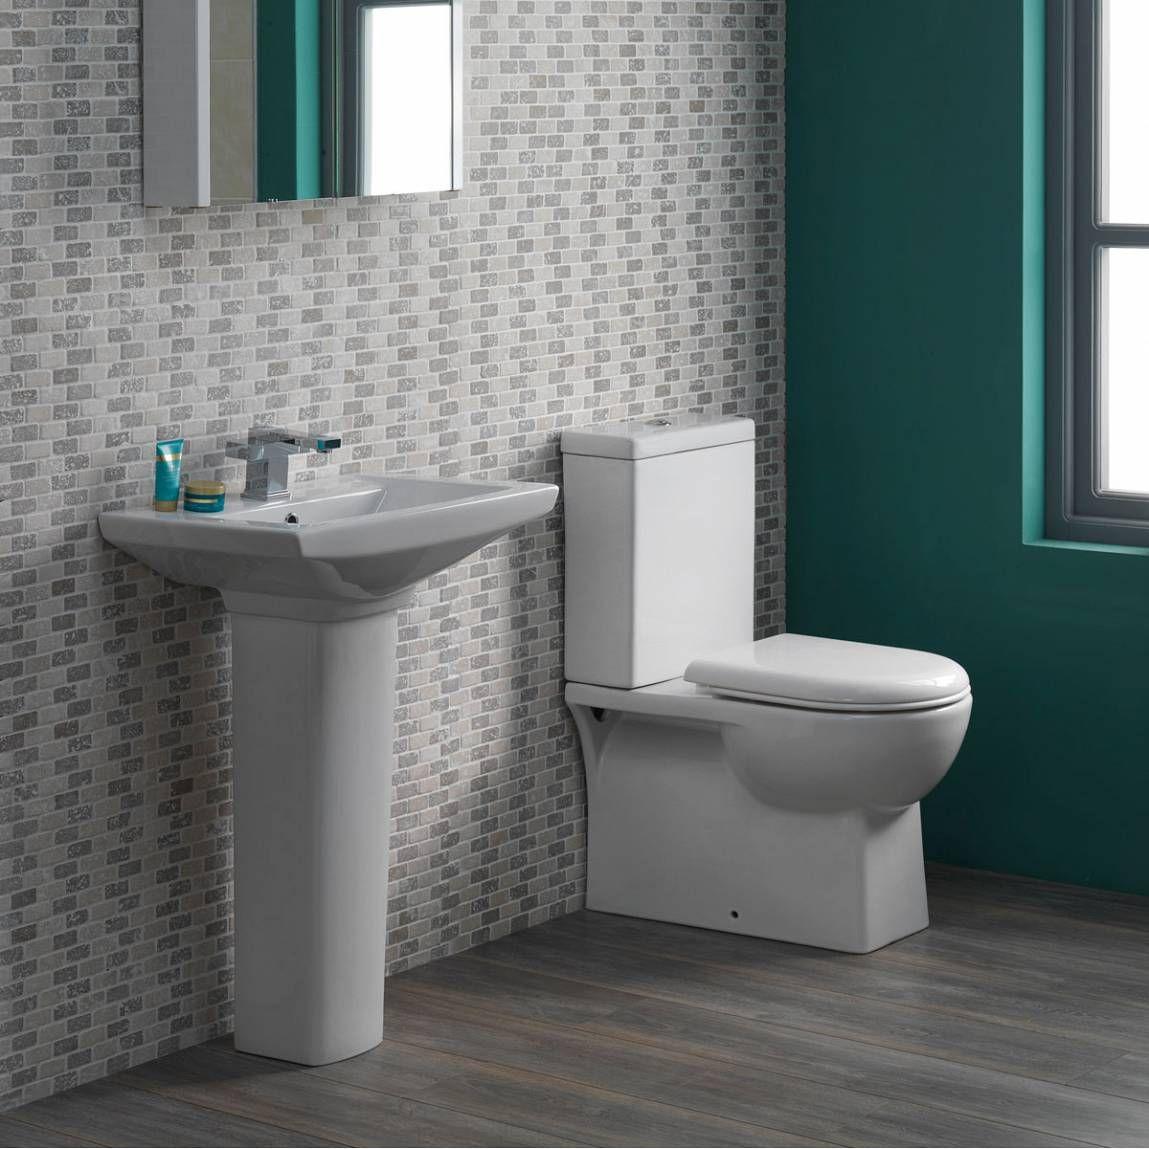 Plumbs bathroom suites - Brent Bathroom Suite Pack Victoria Plumb